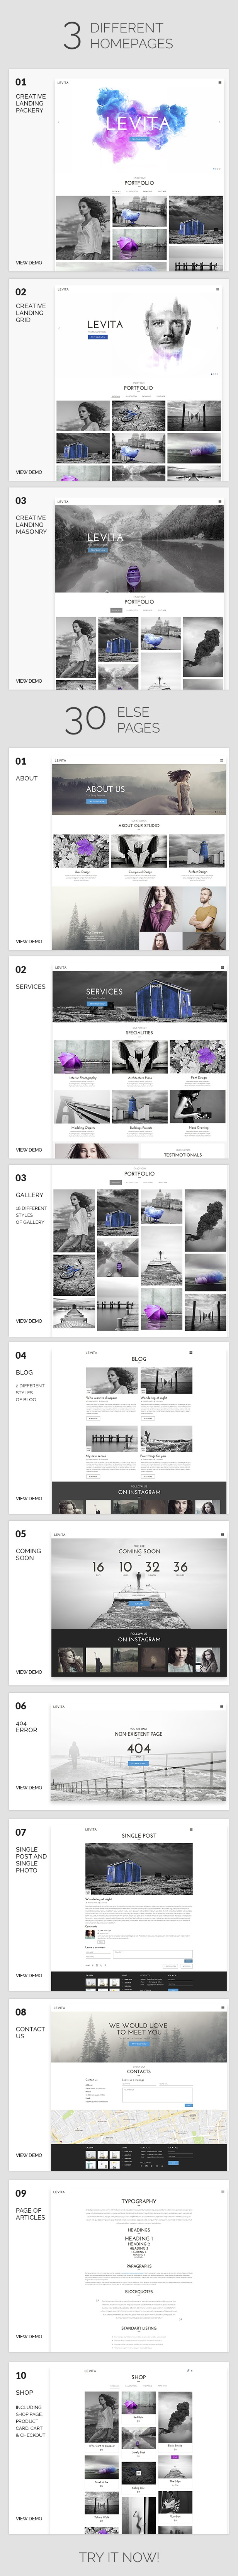 Fotografía | Levita Photography WordPress para fotografía - 6